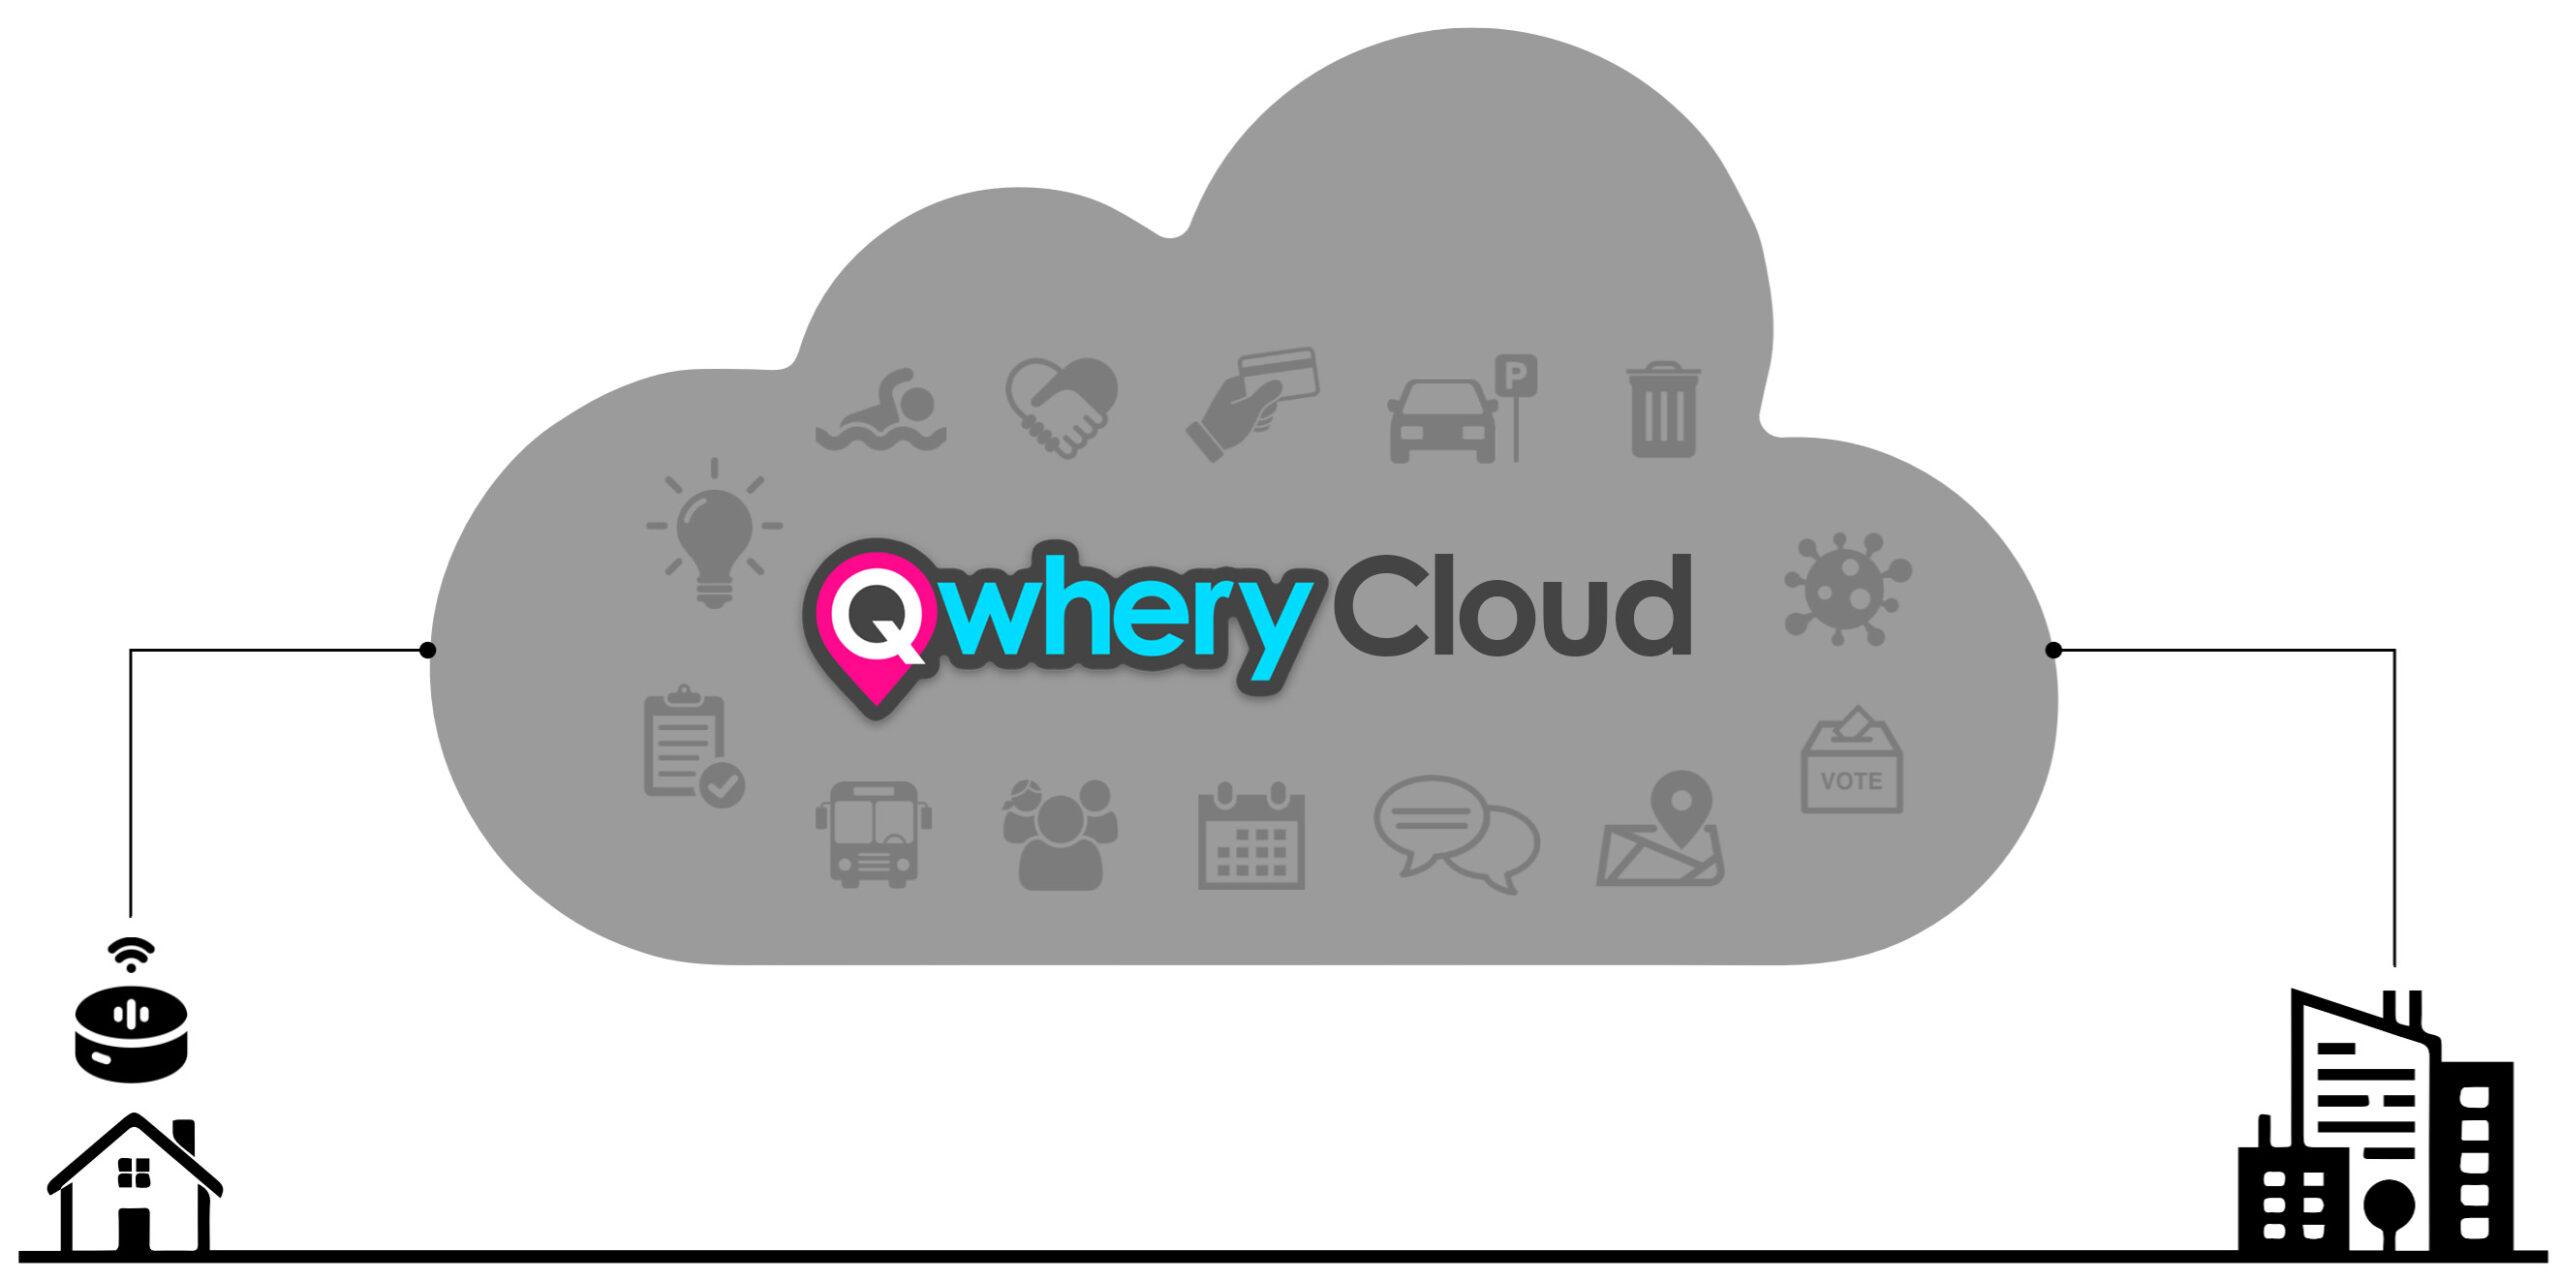 Q11 by Qwhery